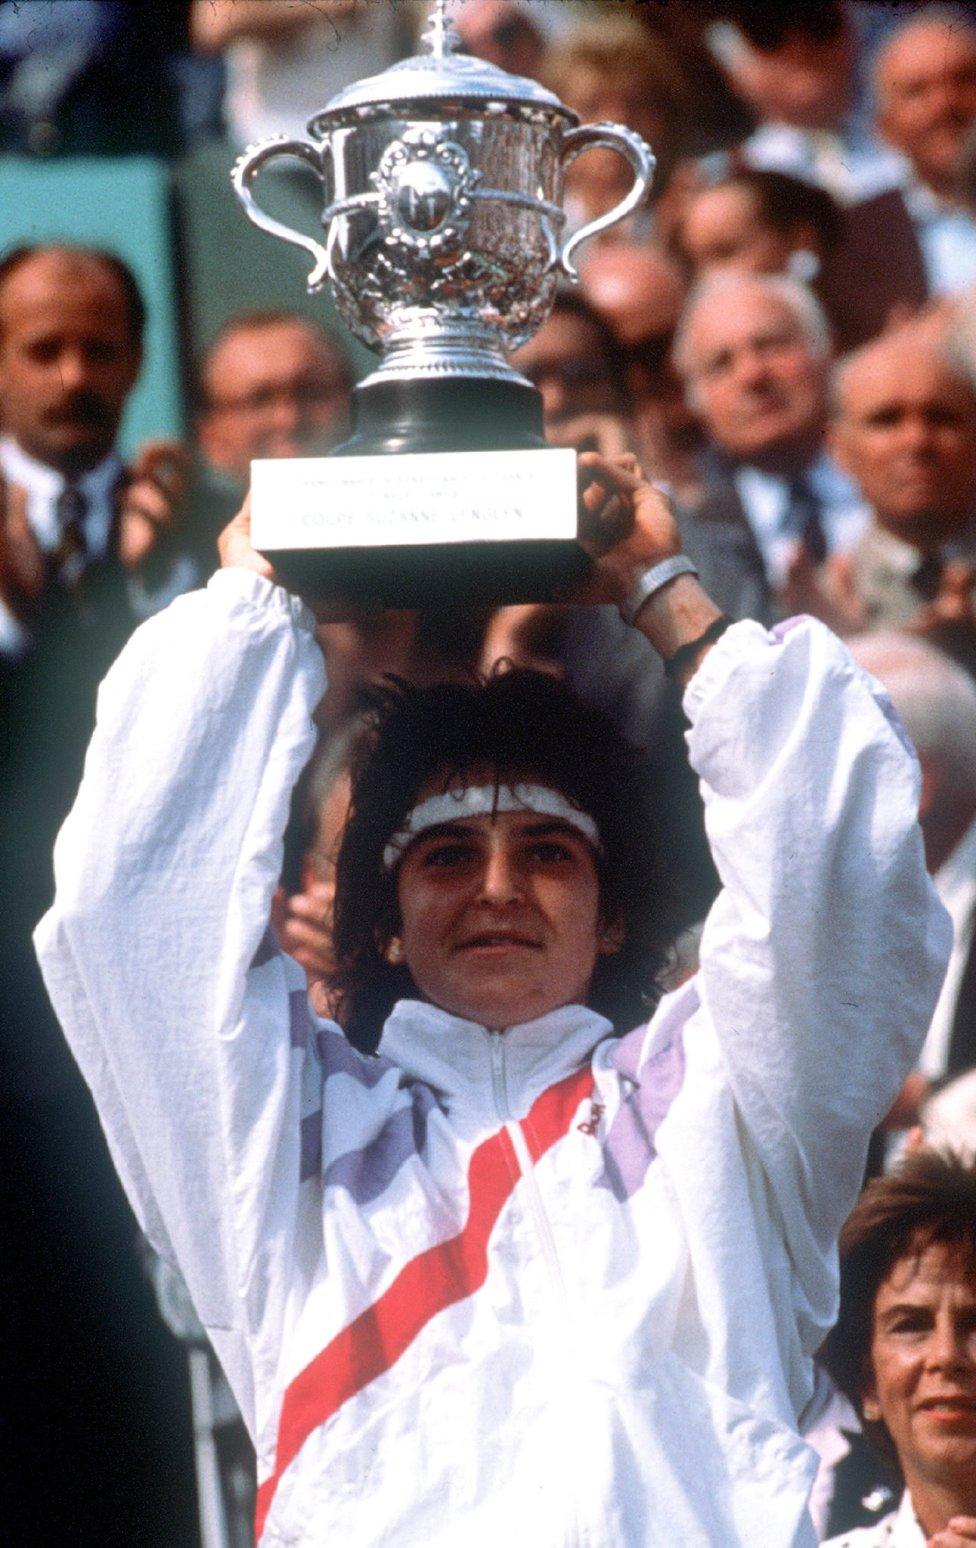 ROLAND GARROS Los 3 Roland Garros de Arantxa Sánchez Vicario AS